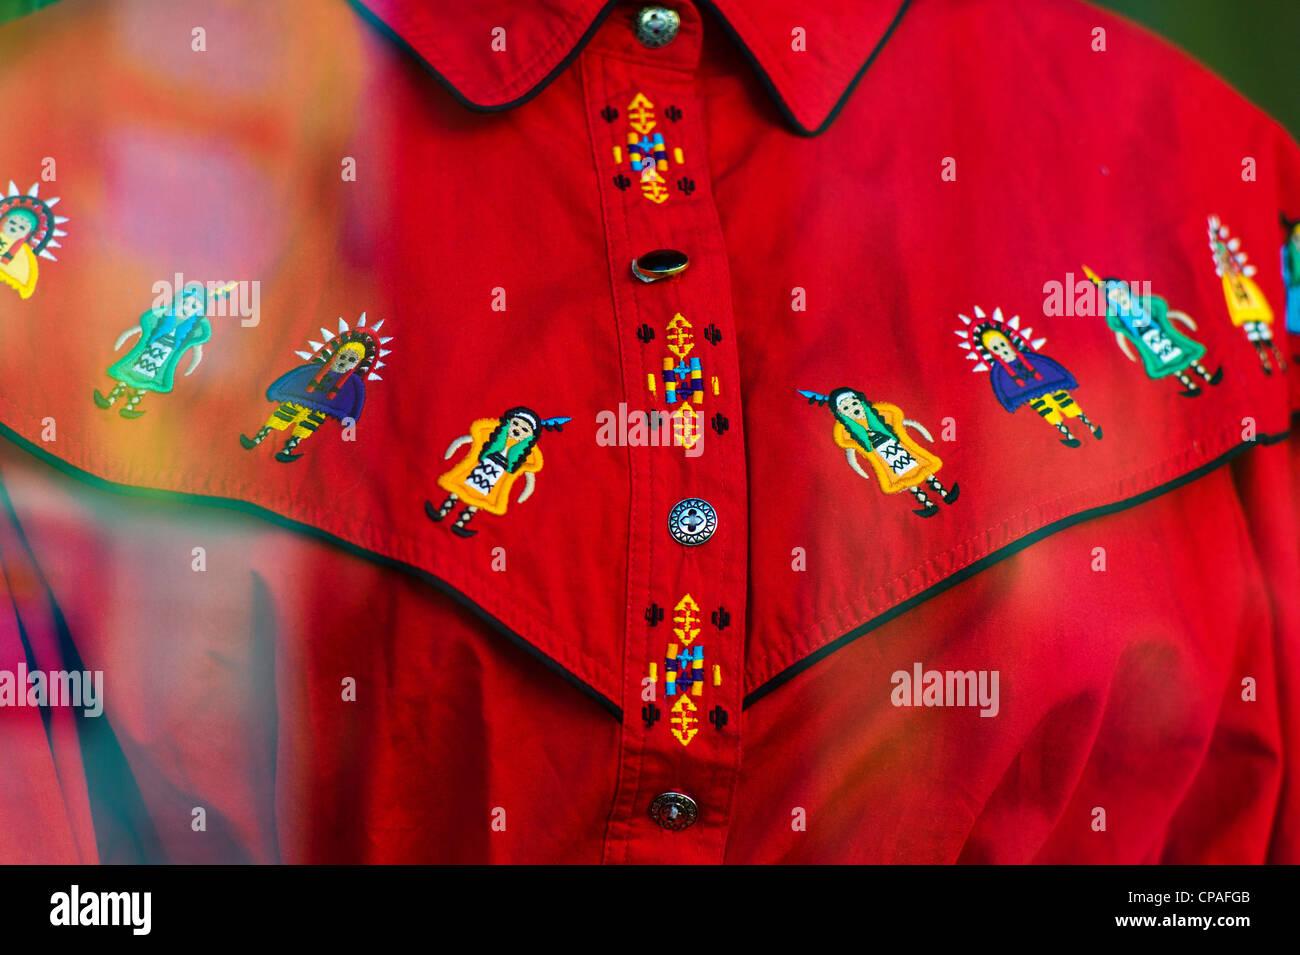 Western cowgirl camisa bordada en la pantalla en una ventana de la tienda.  Distrito histórico 05d019bfa0bad